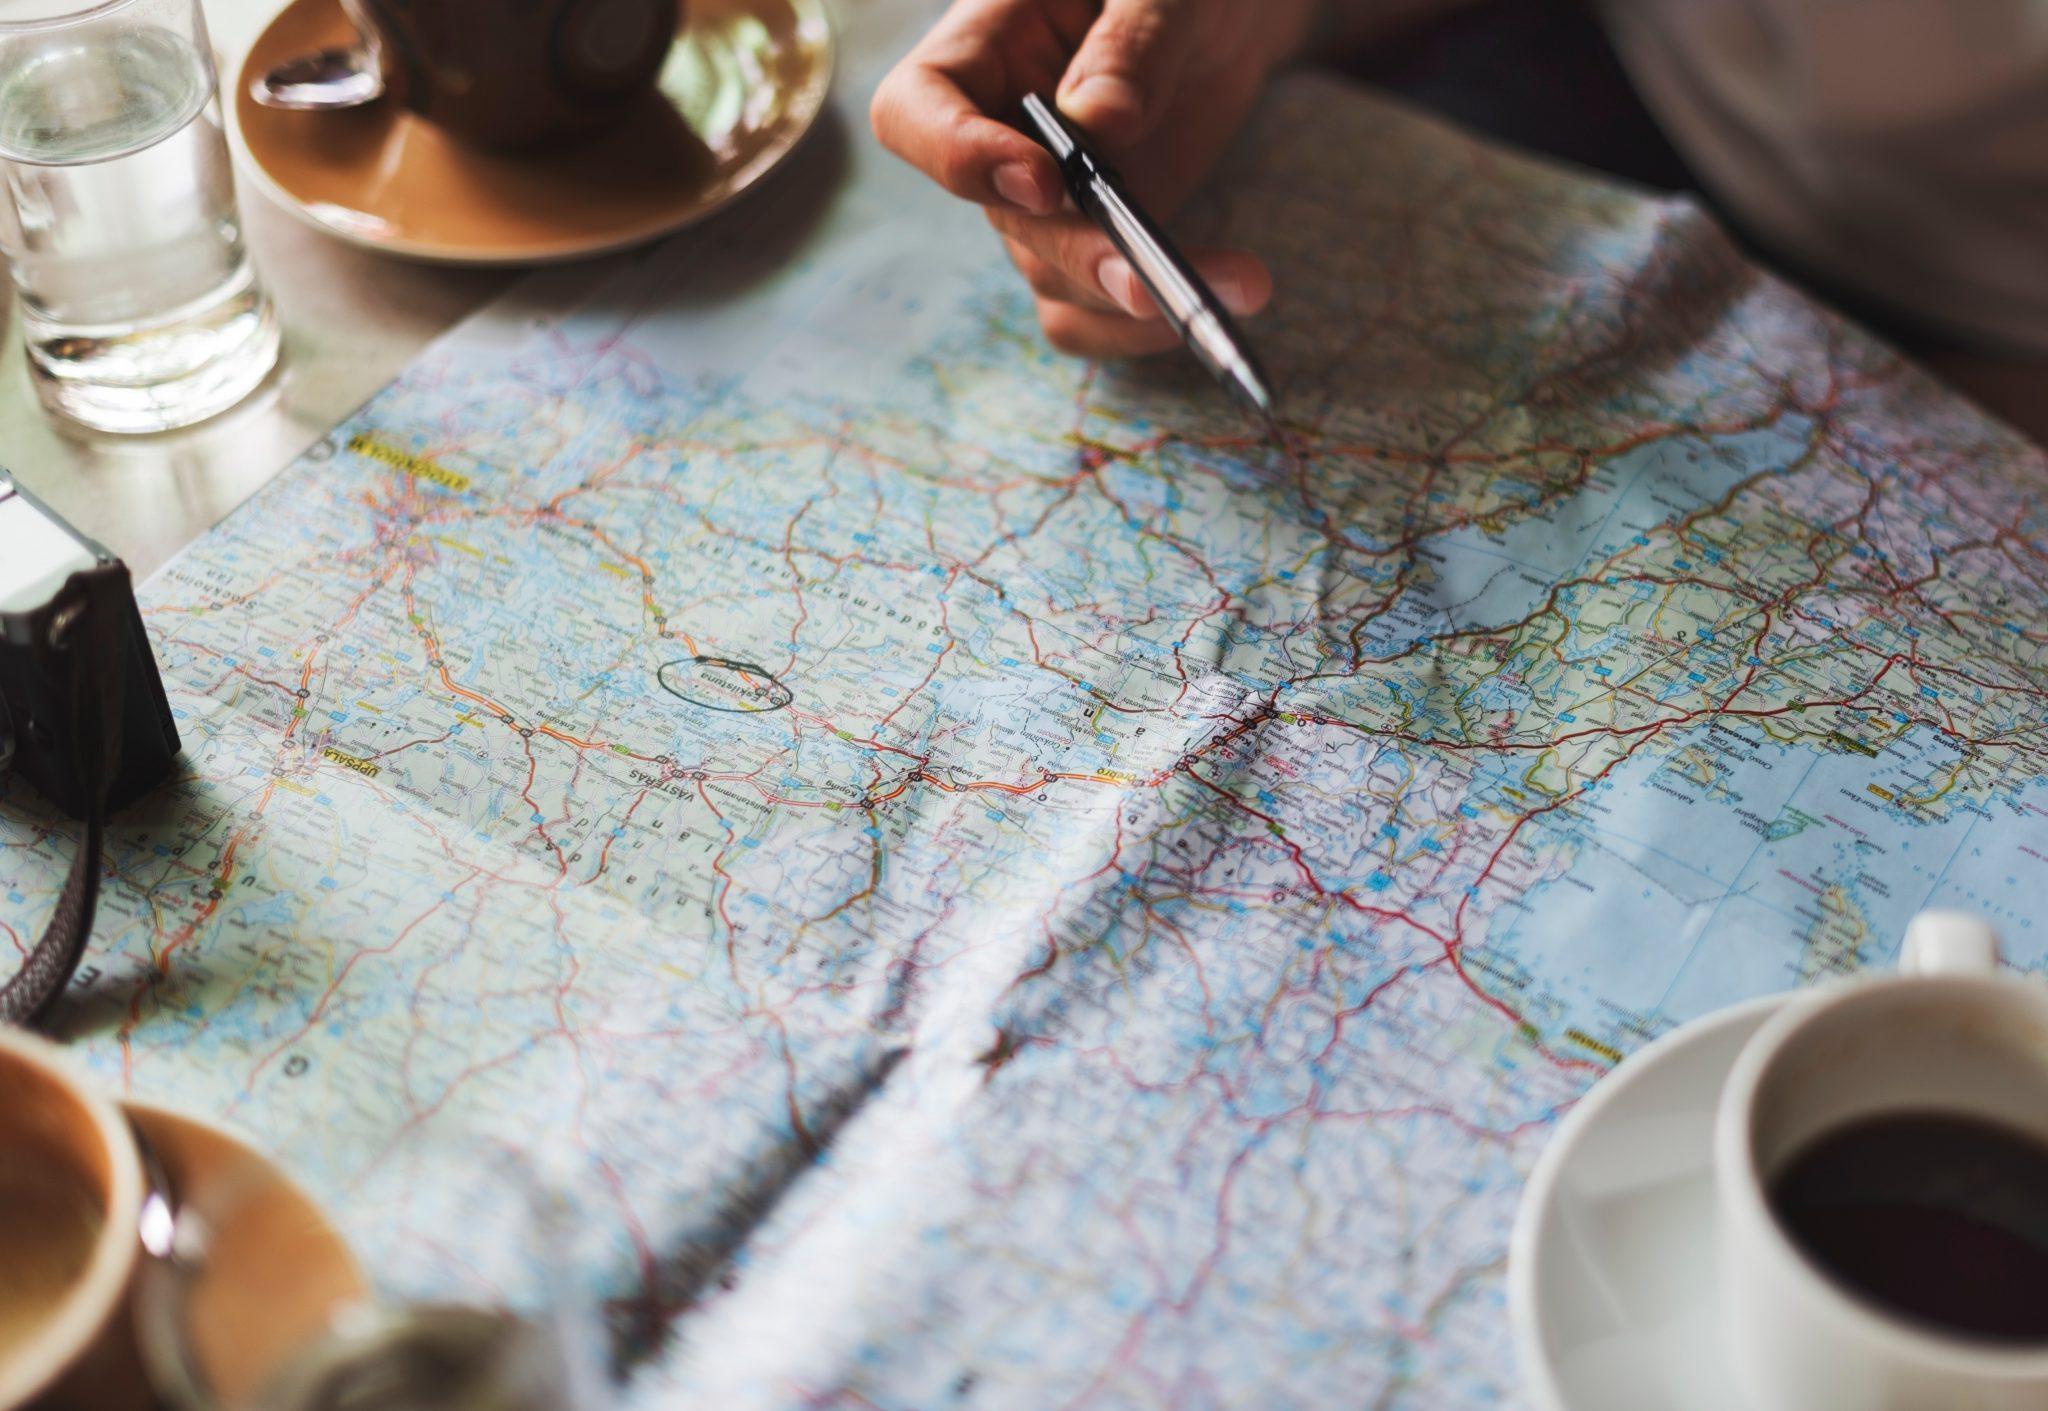 Bunte Landkarte mit Markierung auf der Kaffee steht und Hand liegt